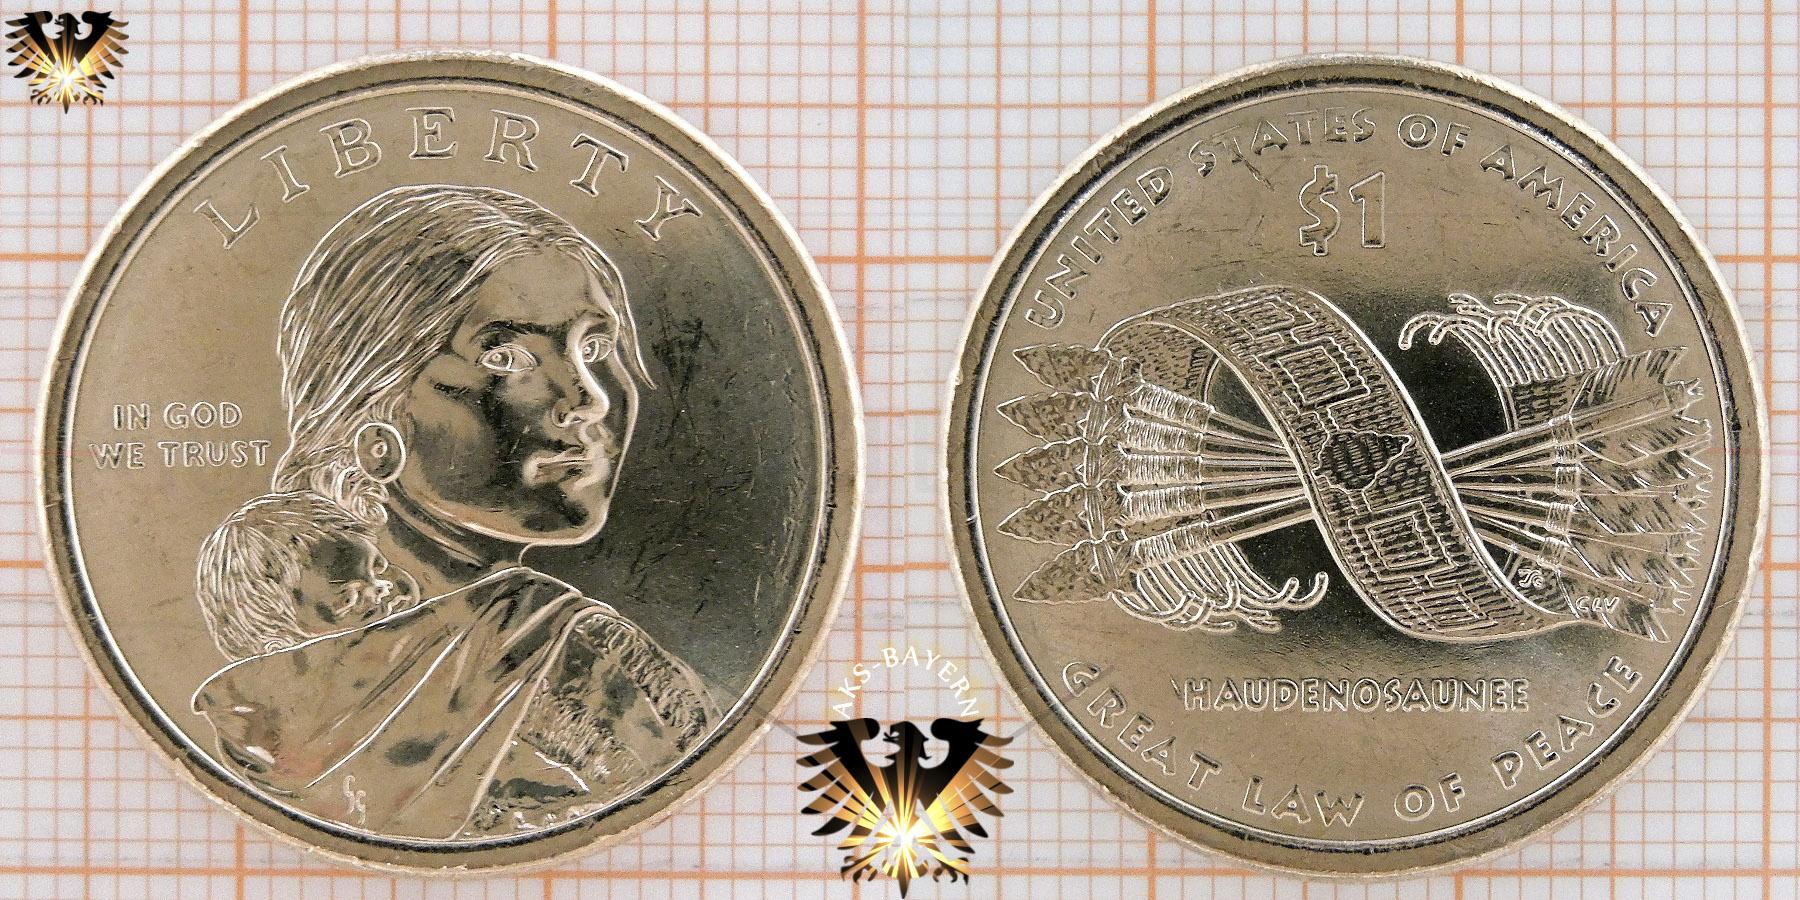 1 Dollar Usa 2010 D Native American Dollar Hiawatha Belt